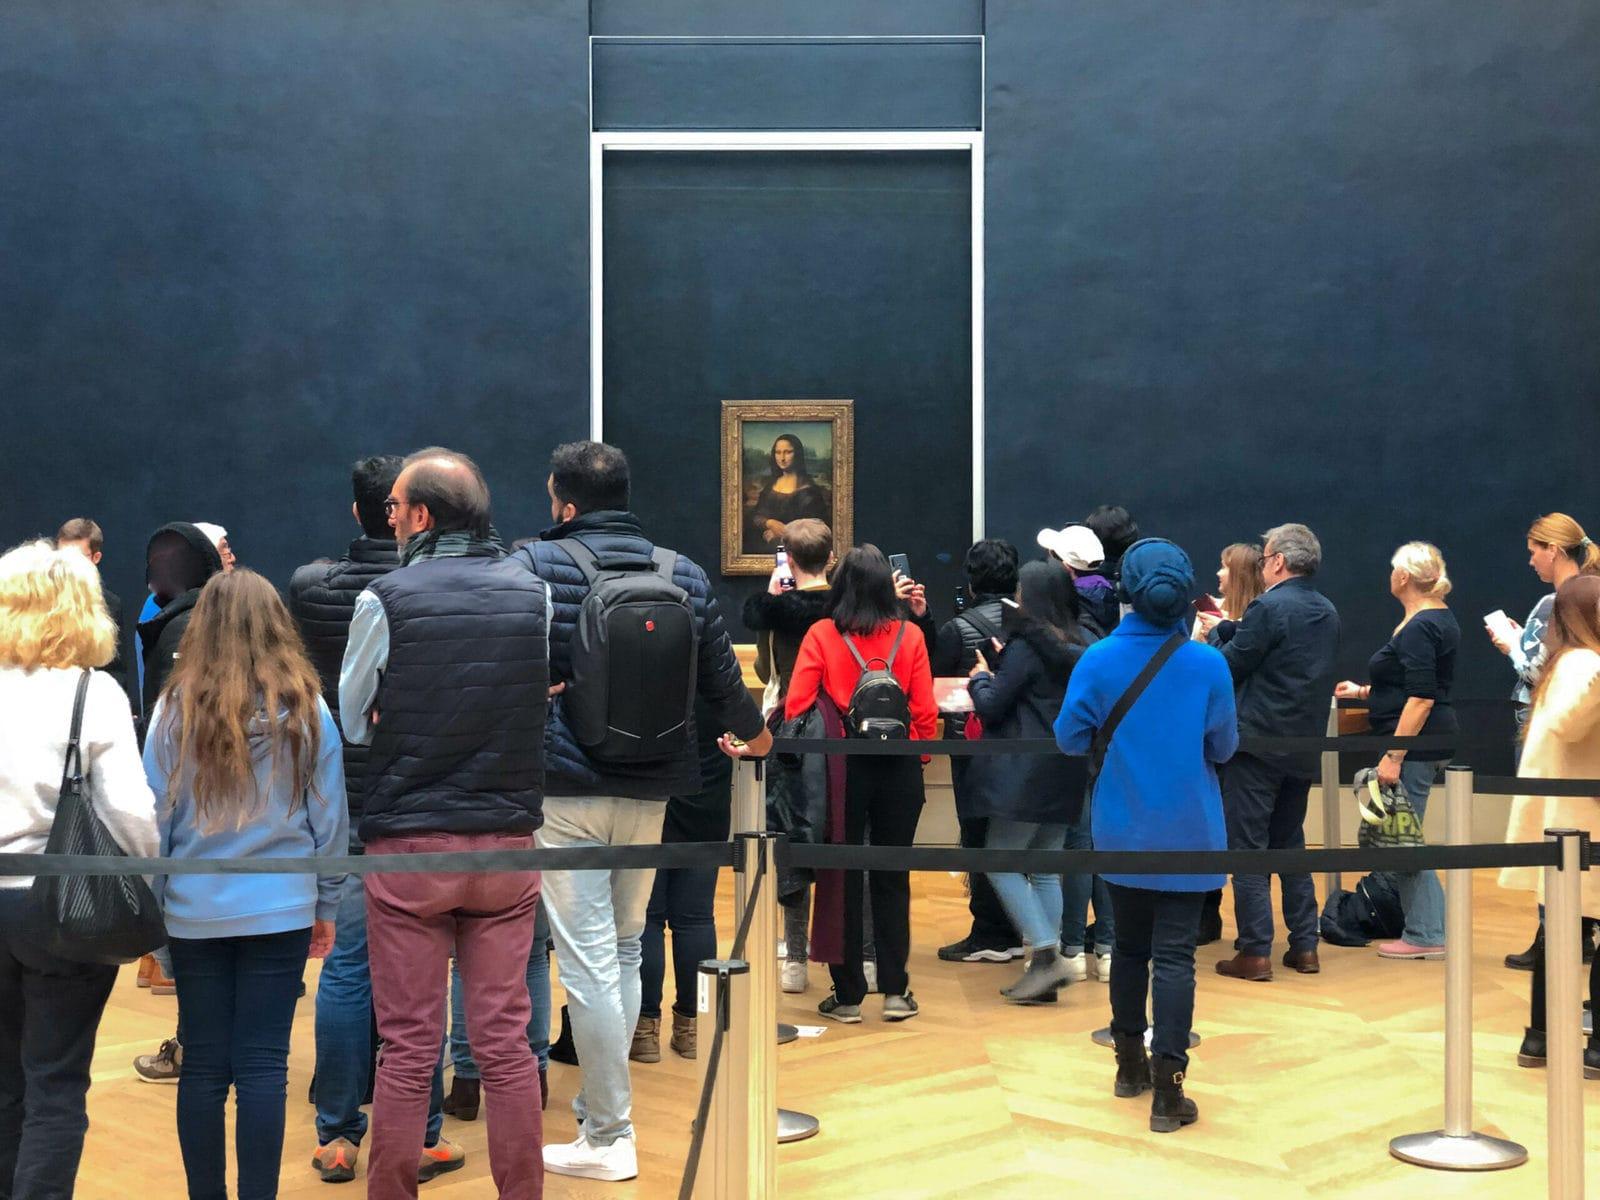 Mona Lisa, Louvre, Paris